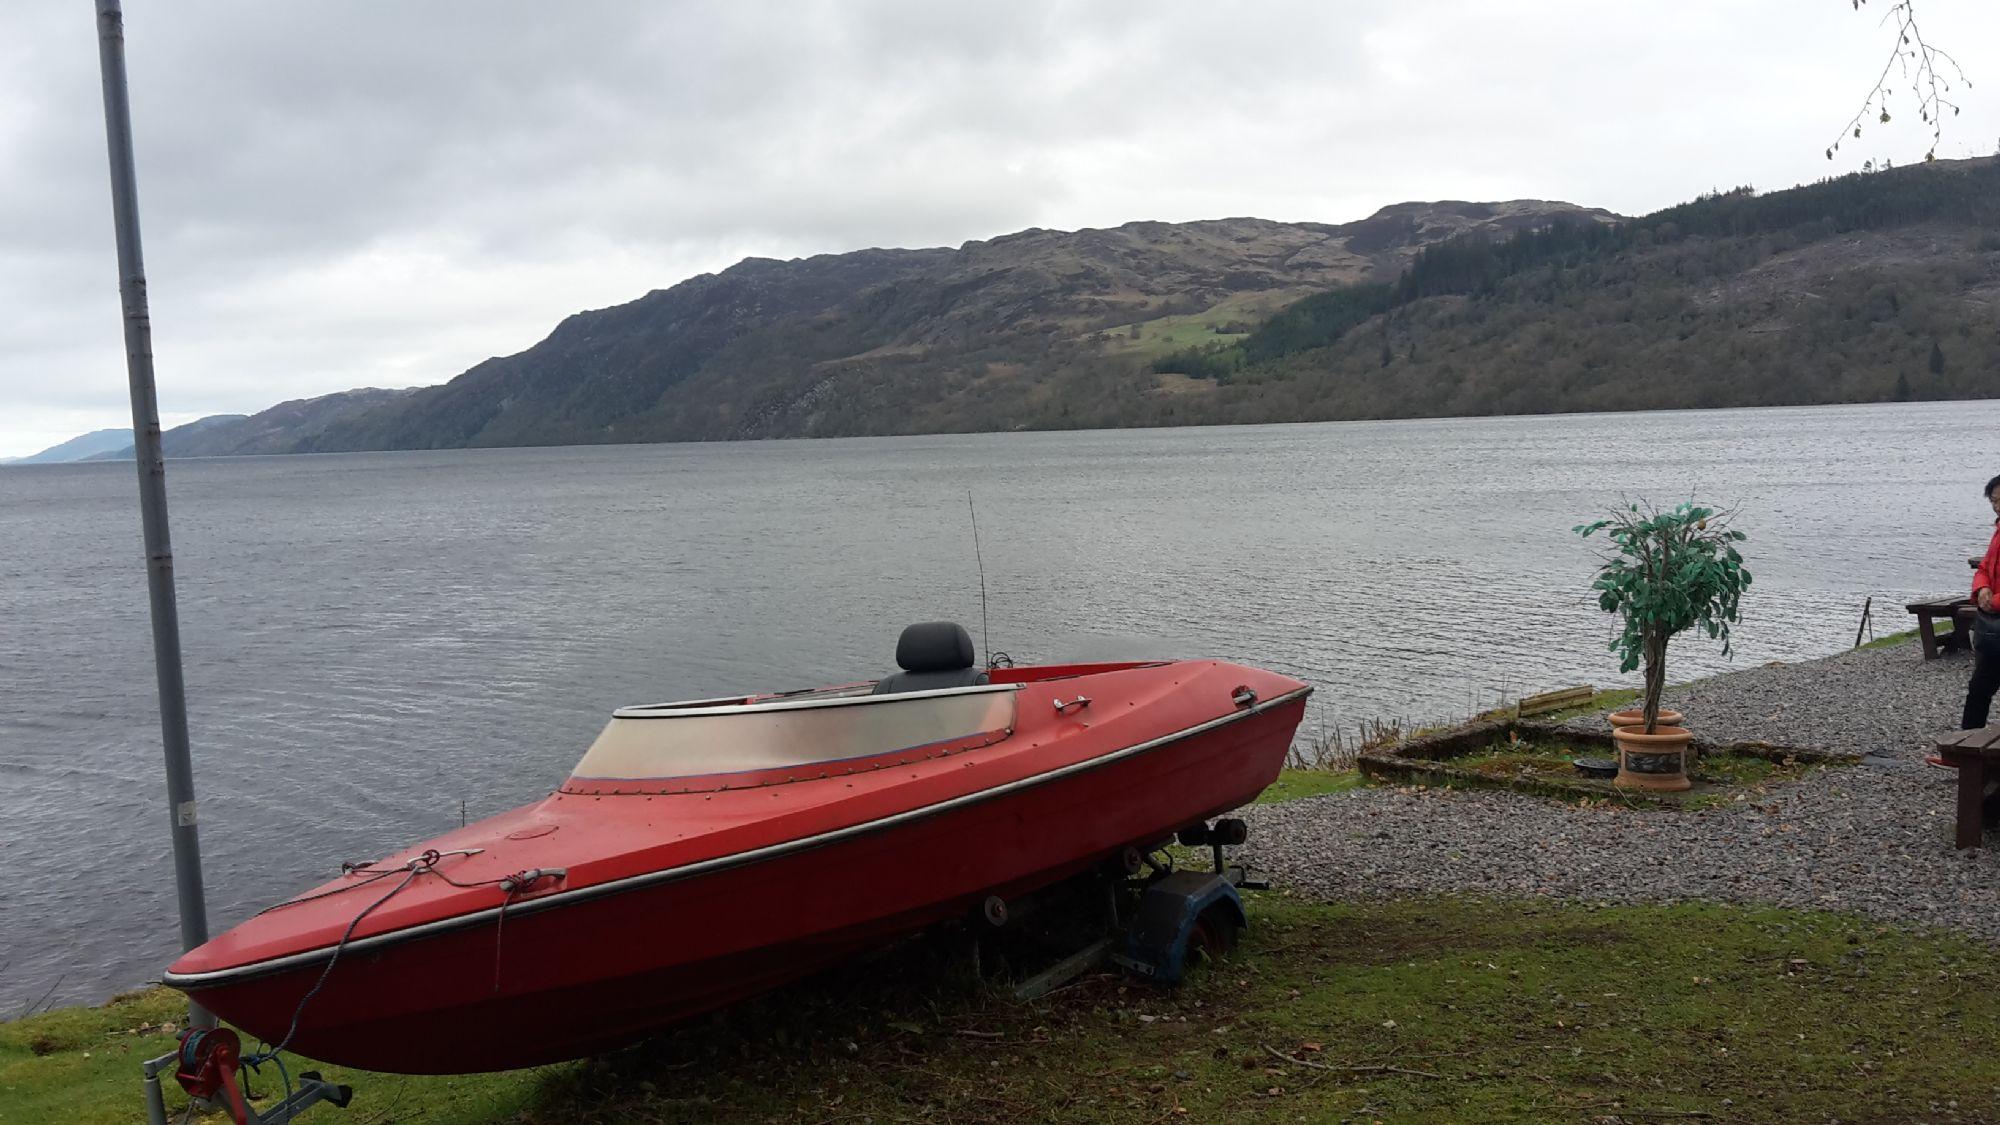 Boat - Loch Ness